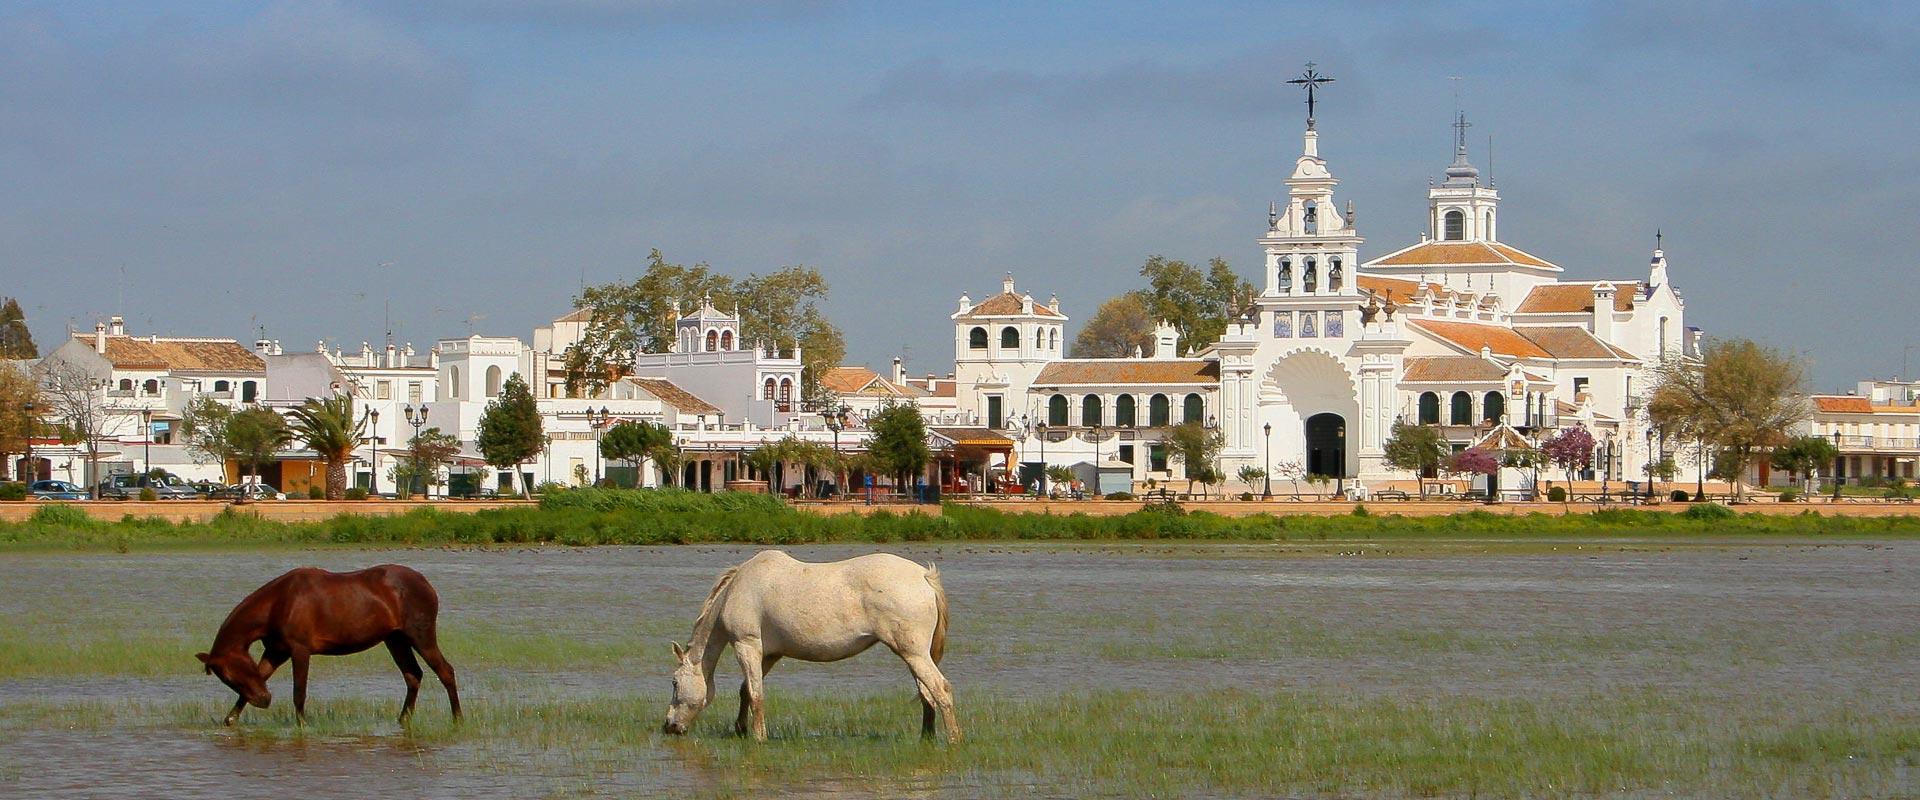 vista de la Ermita de El Rocío con dos caballos en la marisma